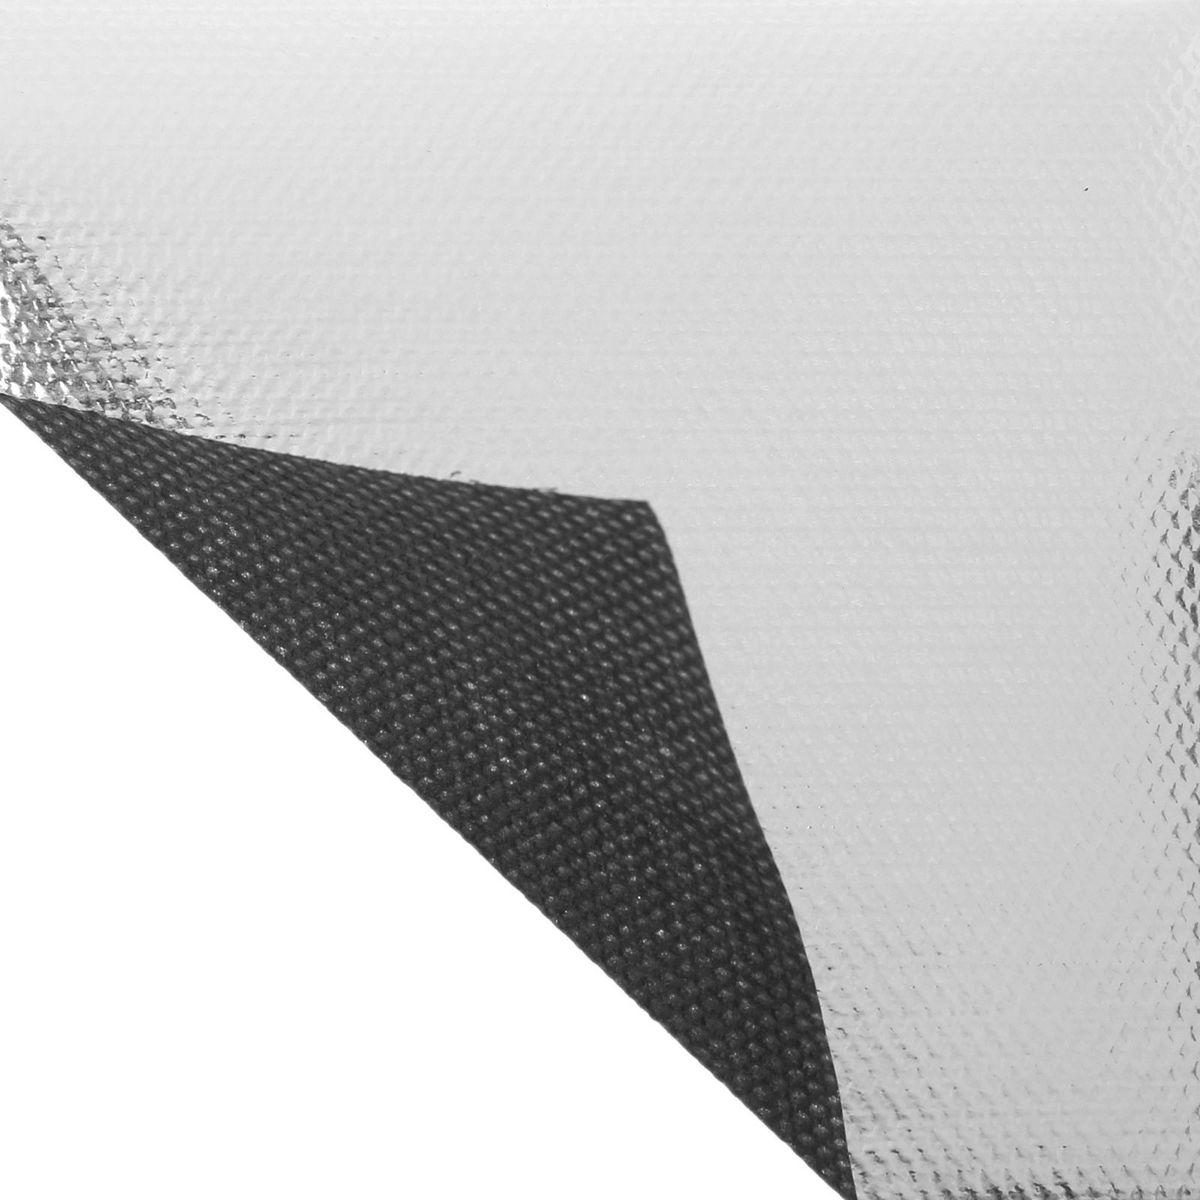 Материал укрывной Агротекс Двойное тепло, фольгированный, цвет: серебристый, черный, 5 х 1,6 м. 13092481309248Укрывной материал Агротекс Двойное тепло лучший выбор для выращивания рассады. Преимущества материала:-гарантия ранней и крепкой рассады;-экономия средств на поливе, дополнительном освещении, гербицидах;-защита посадок от заморозков;-дополнительный свет для растений;-отсутствие необходимости прополки. Благодаря использованию укрывного материала, растение получает максимум света, так необходимого для дальнейшего развития. Укрывной материал Двойное тепло идеален для рассады огурцов, томатов, перцев, баклажанов и зелени.